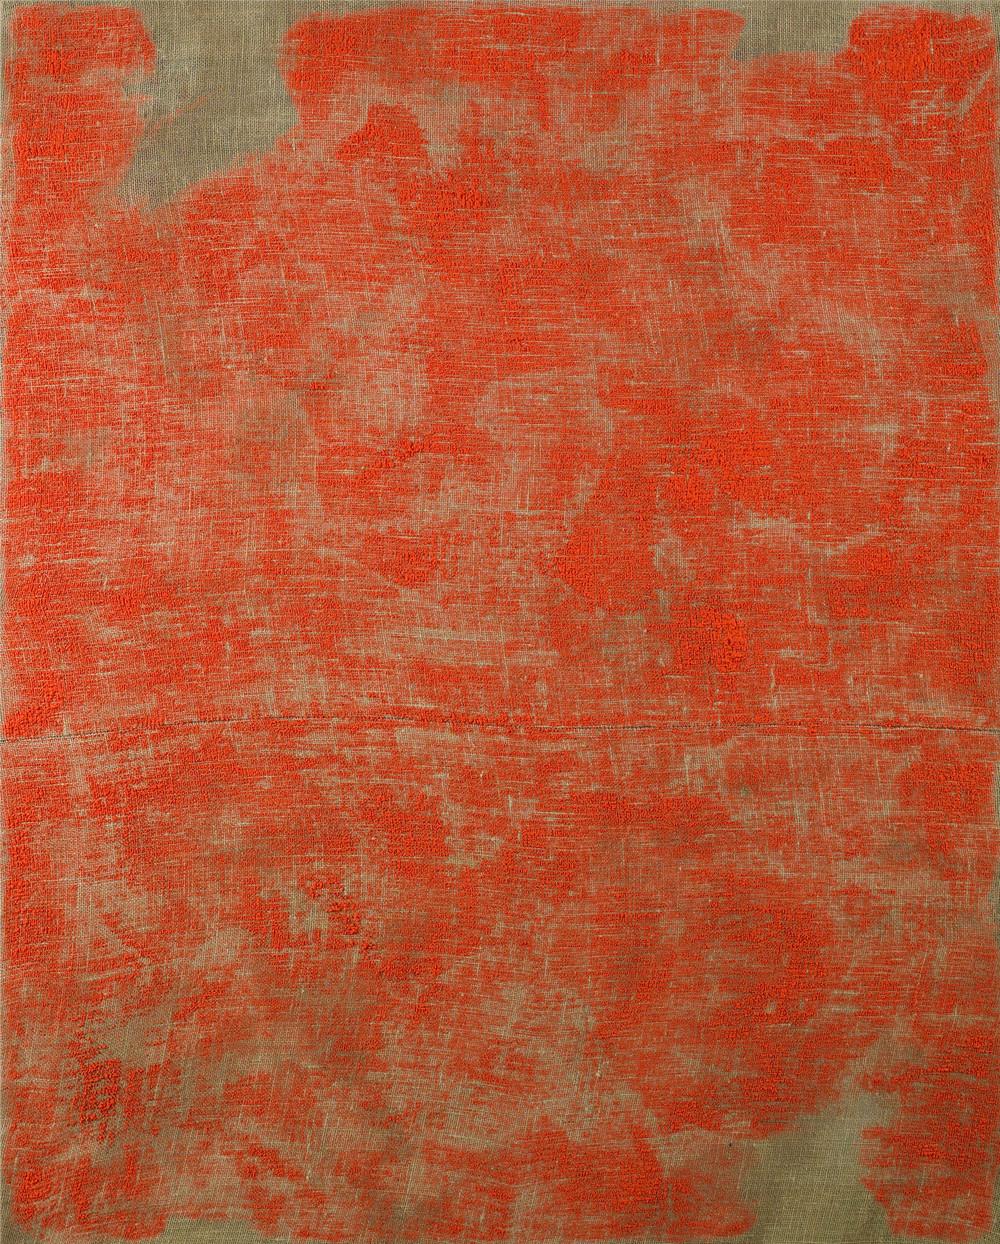 Porosity (Brushed II), 2014  , acrylic on burlap, 60 x 48 inches